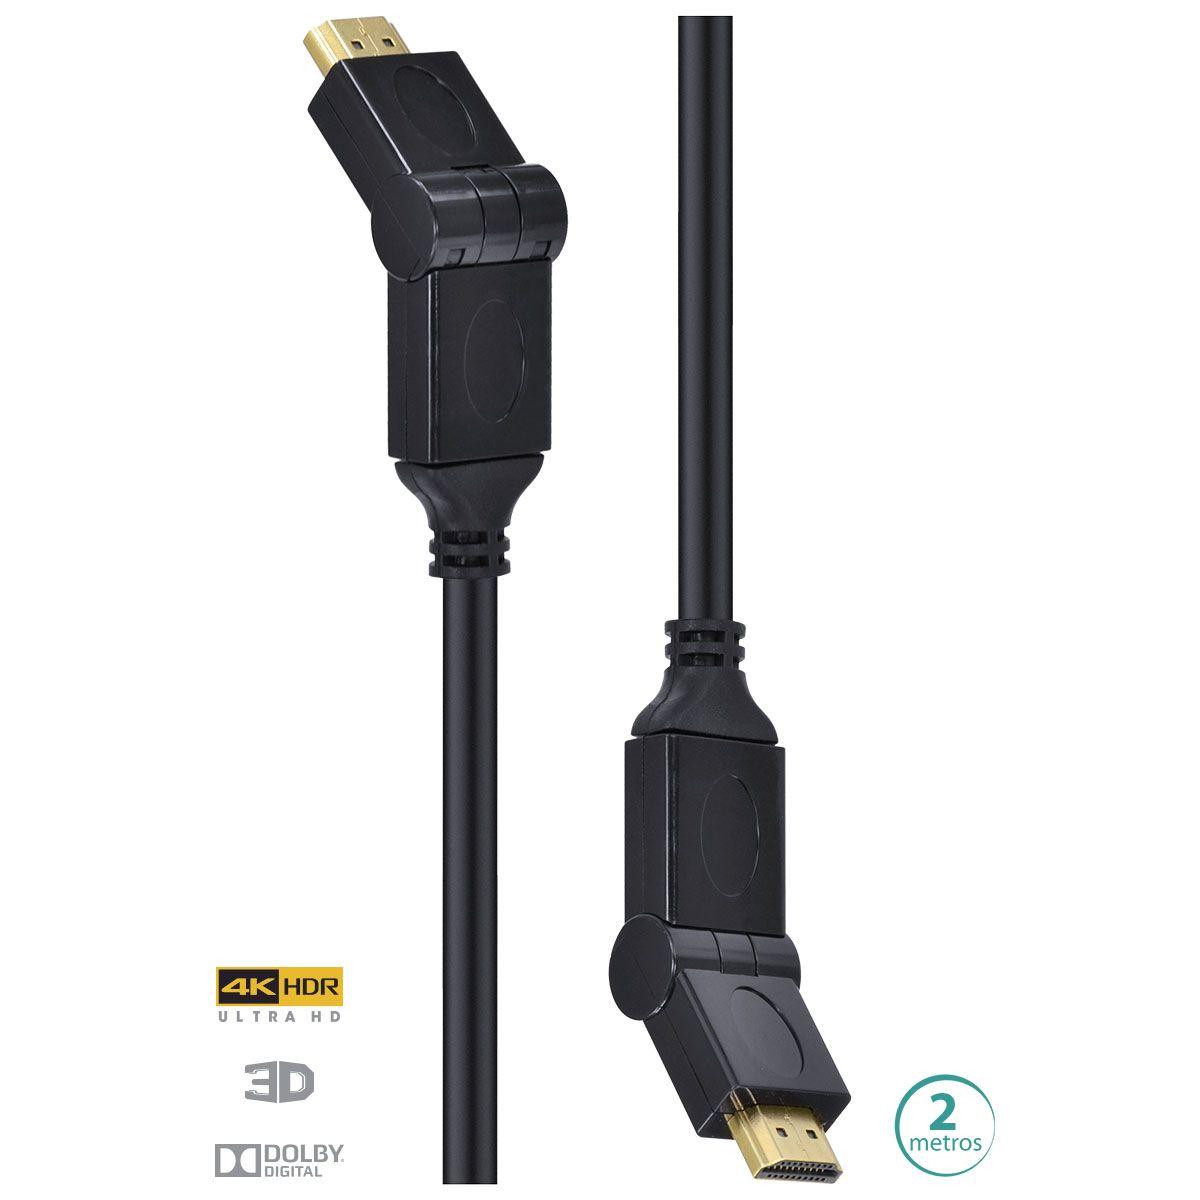 Cabo HDMI 2.0 4K Ultra HD 3D Conexão Ethernet Conectores 180° 2 Metros H20B180-2 29253 - Vinik